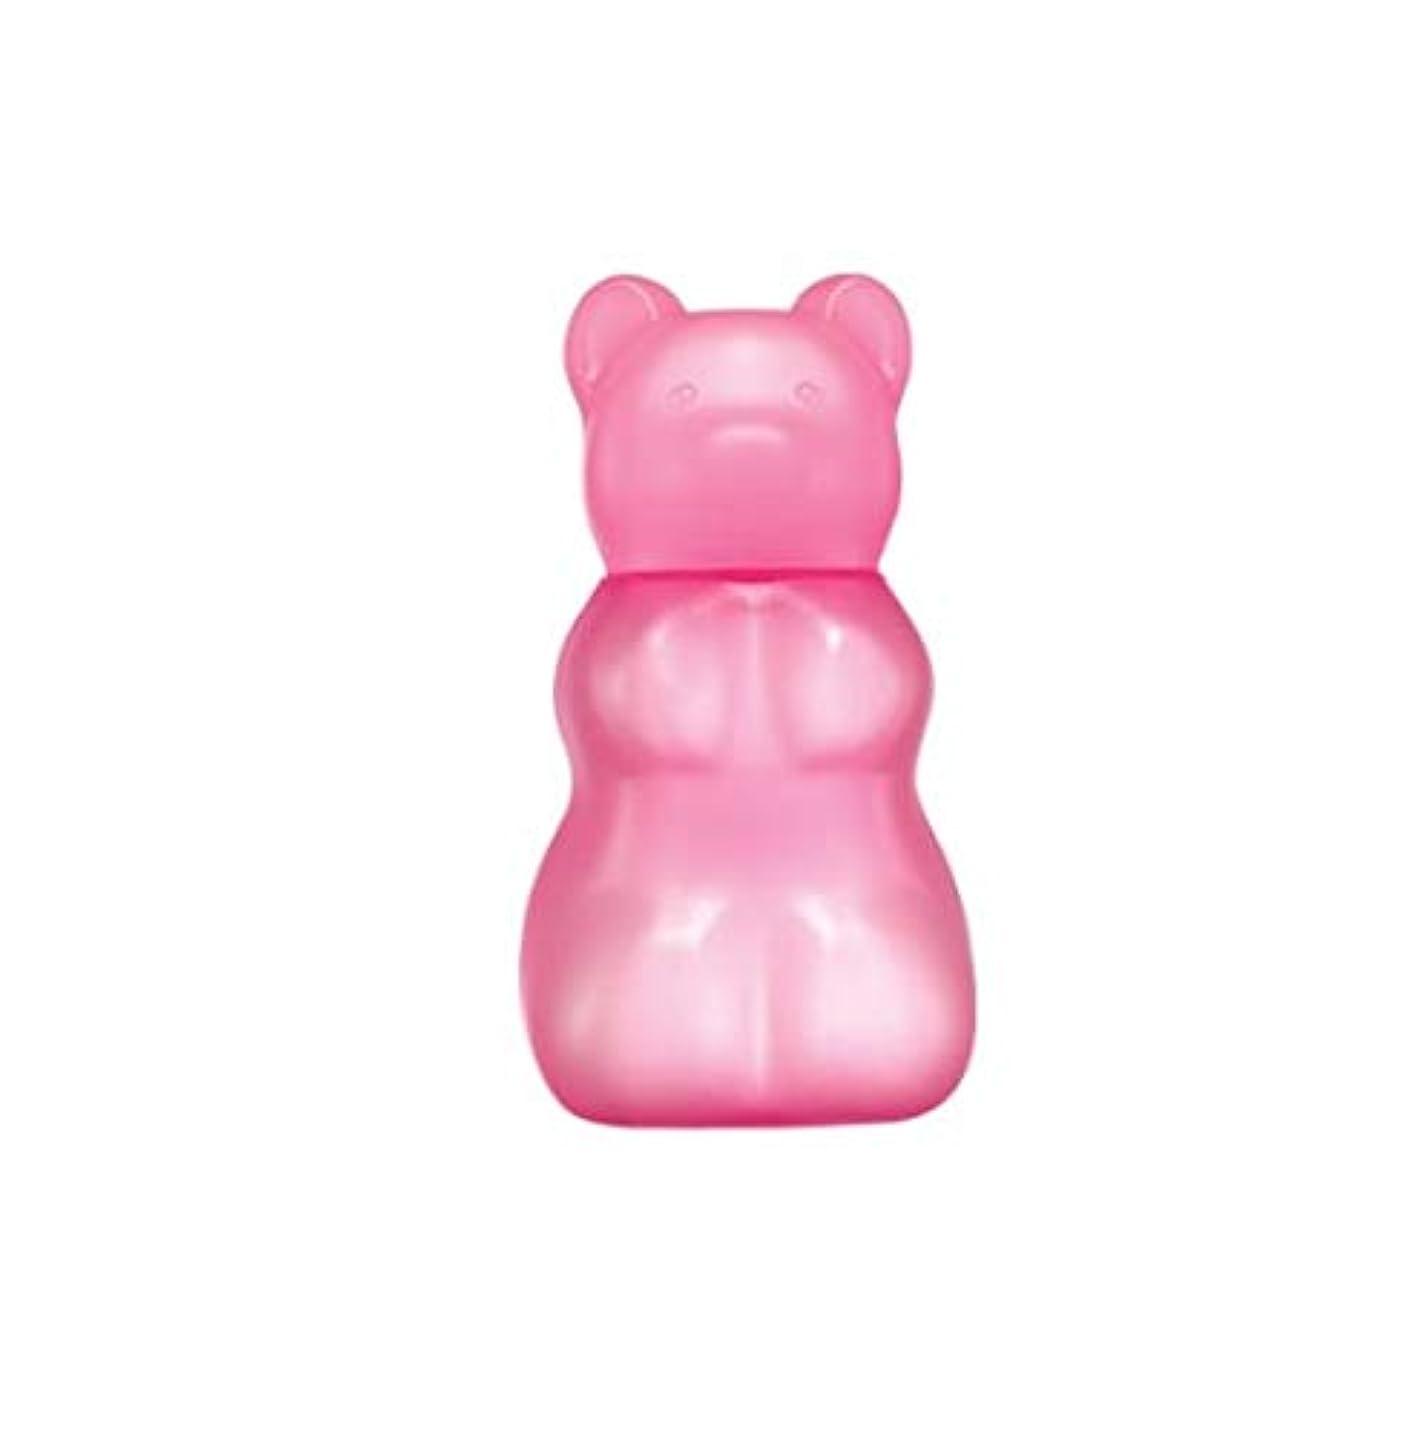 ファイル連隊にんじんSkinfood グミベアゼリークリーンジェル(アップル)#ラズベリー(ハンドジェル) / Gummy Bear Jelly Clean Gel (Apple) #Raspberry (Handgel) 45ml [並行輸入品]